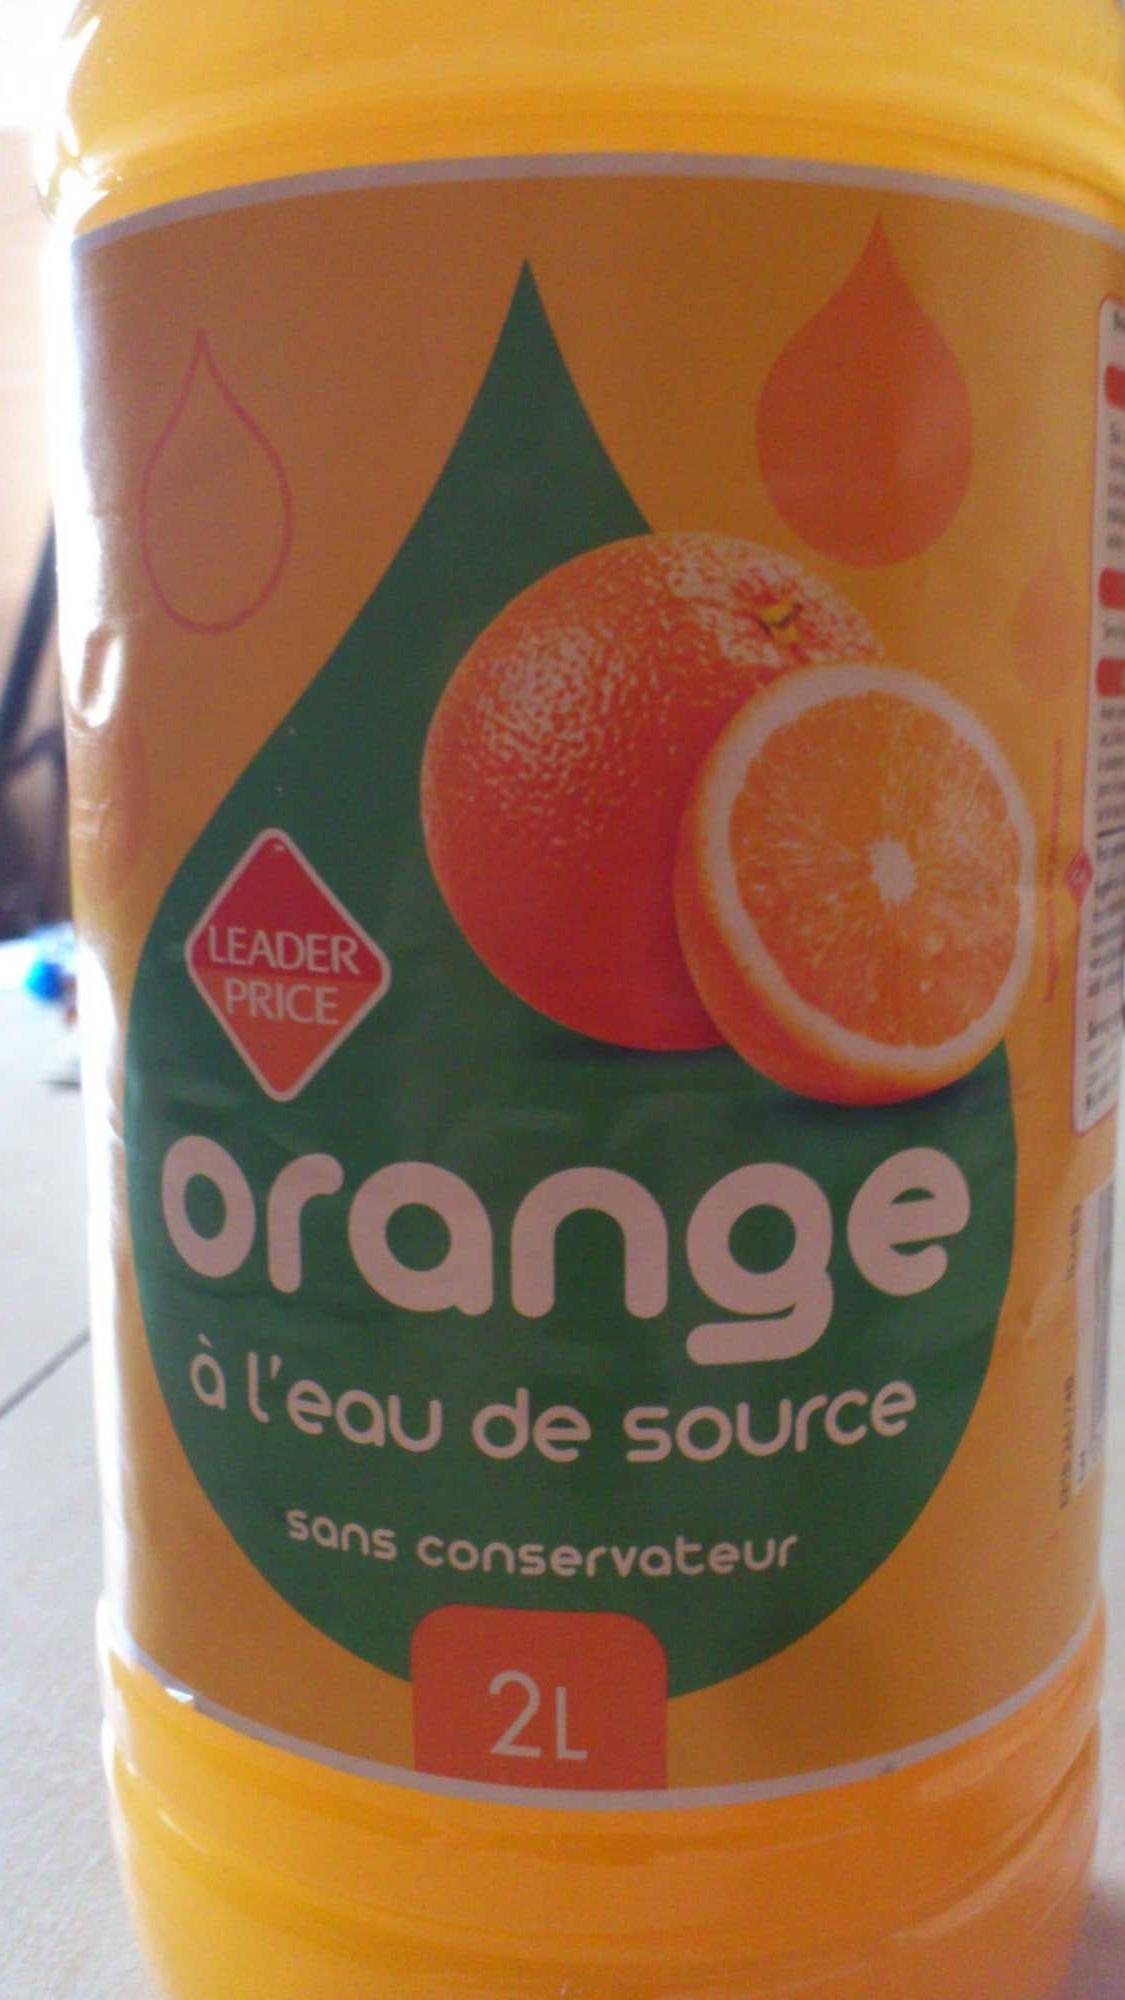 Orange à l'eau de source - Product - fr